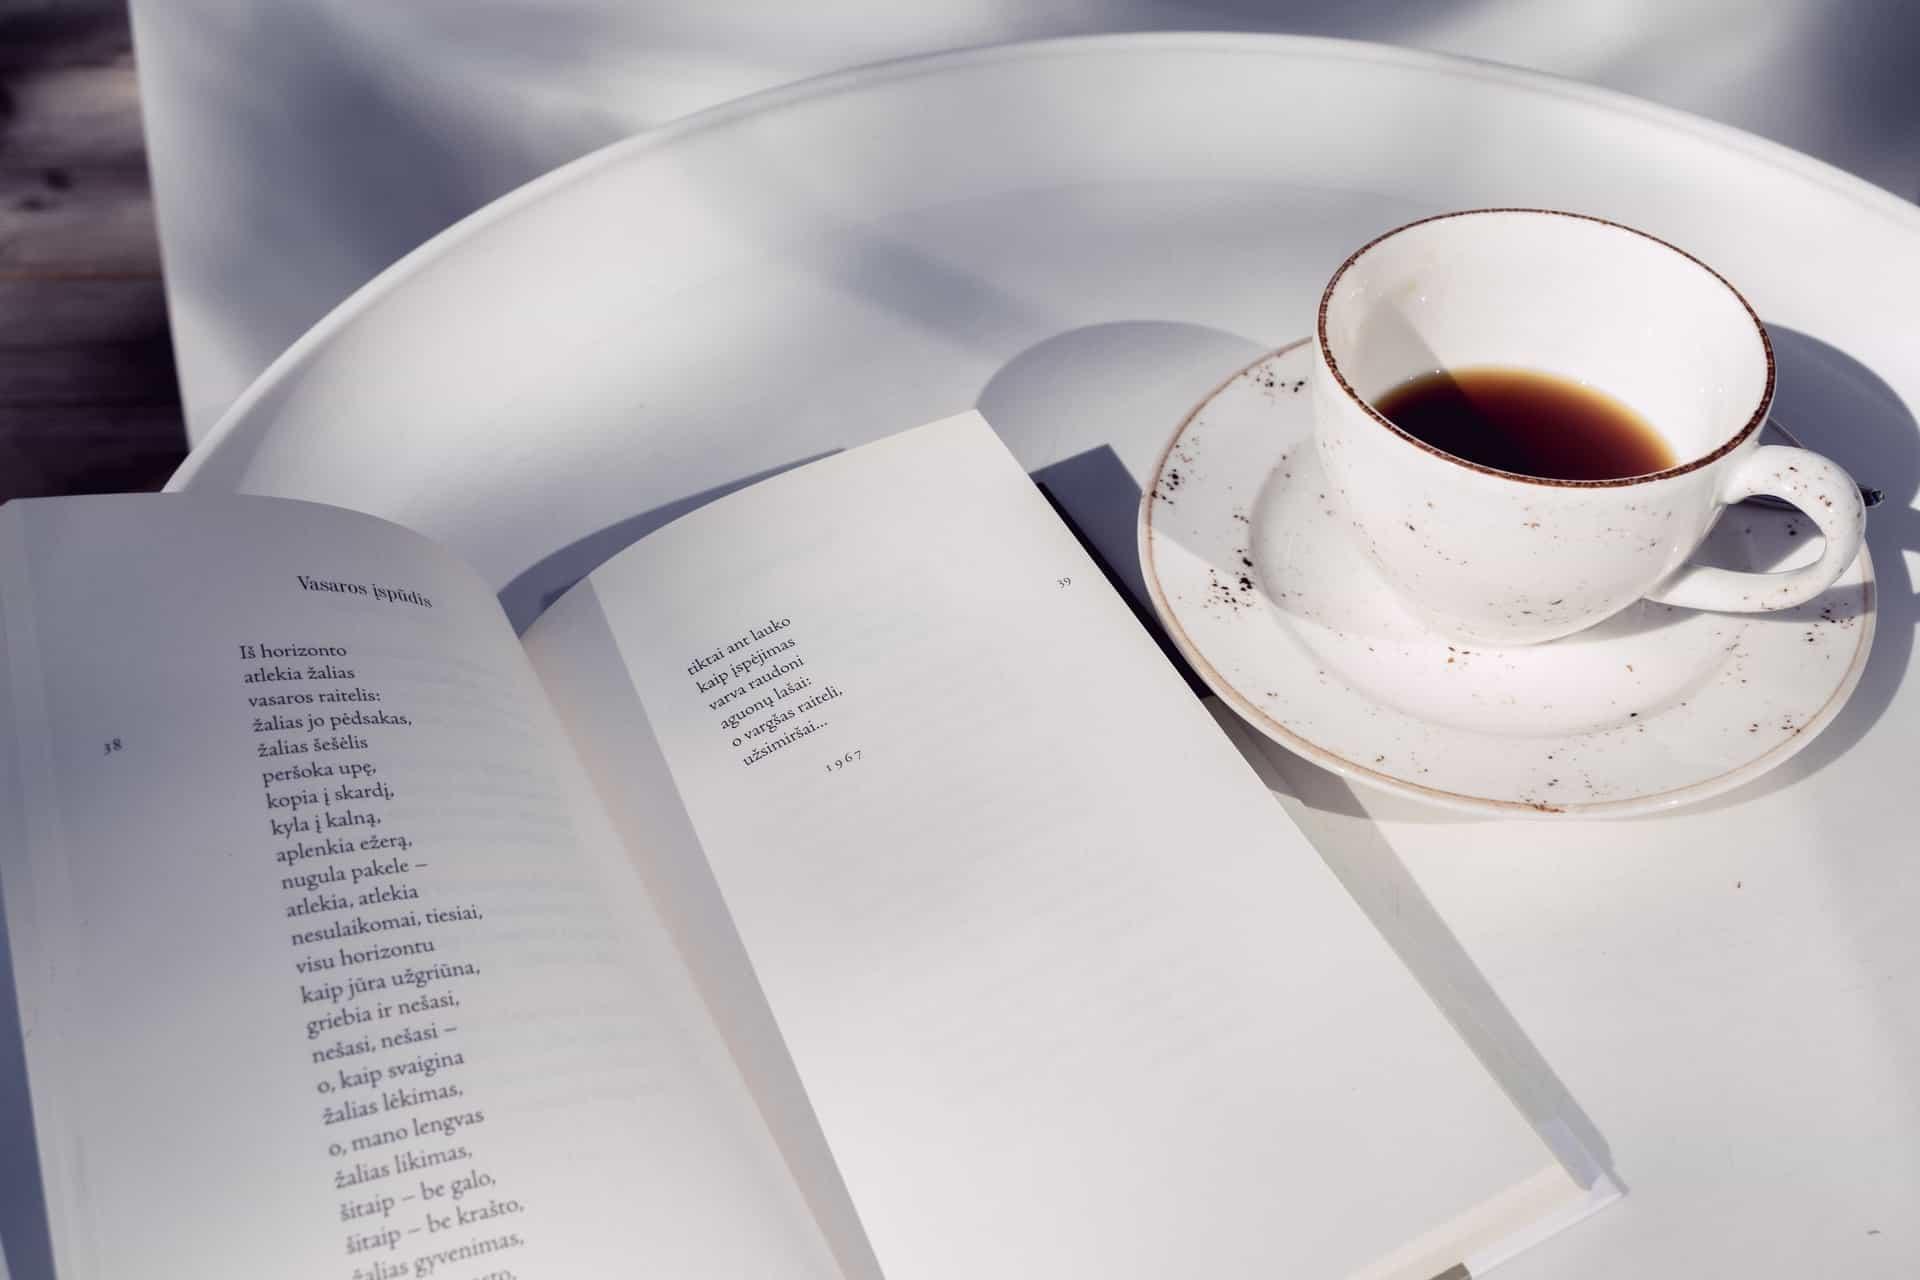 Ein Buch mit Gedichten auf einem Tablett neben Kaffee